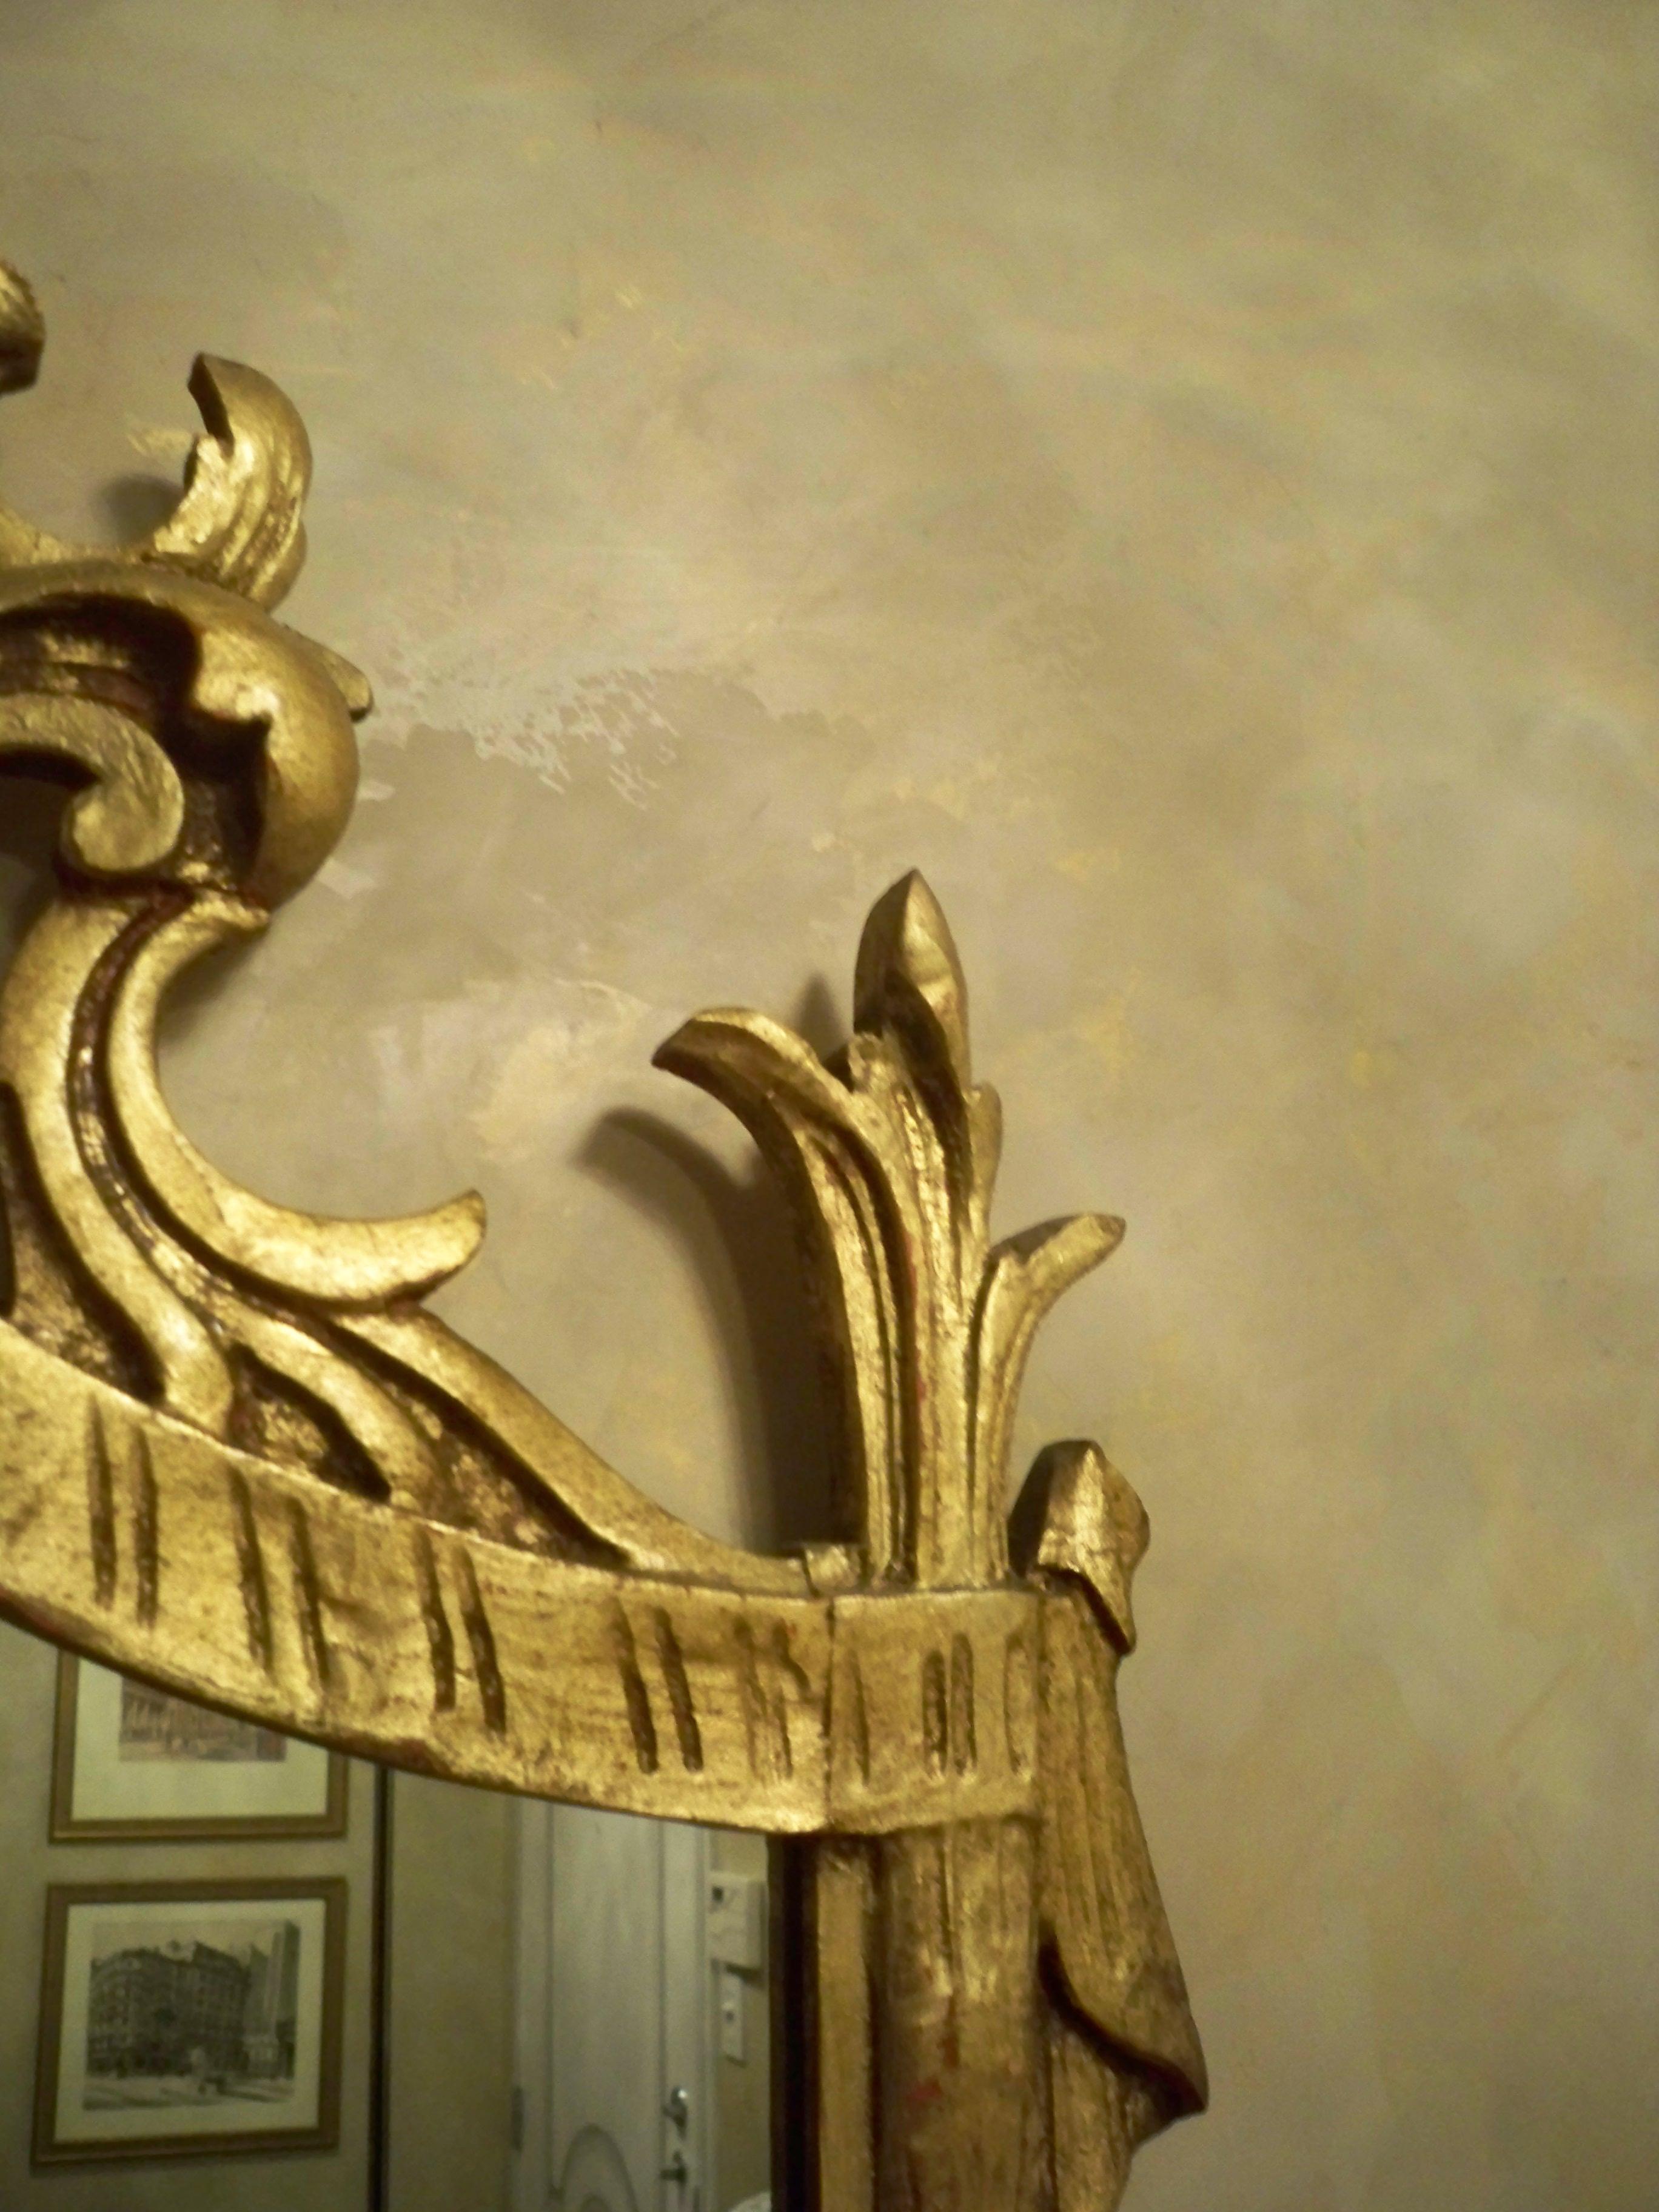 Murals By Marg Front Foyer Venetian Plaster 3.JPG